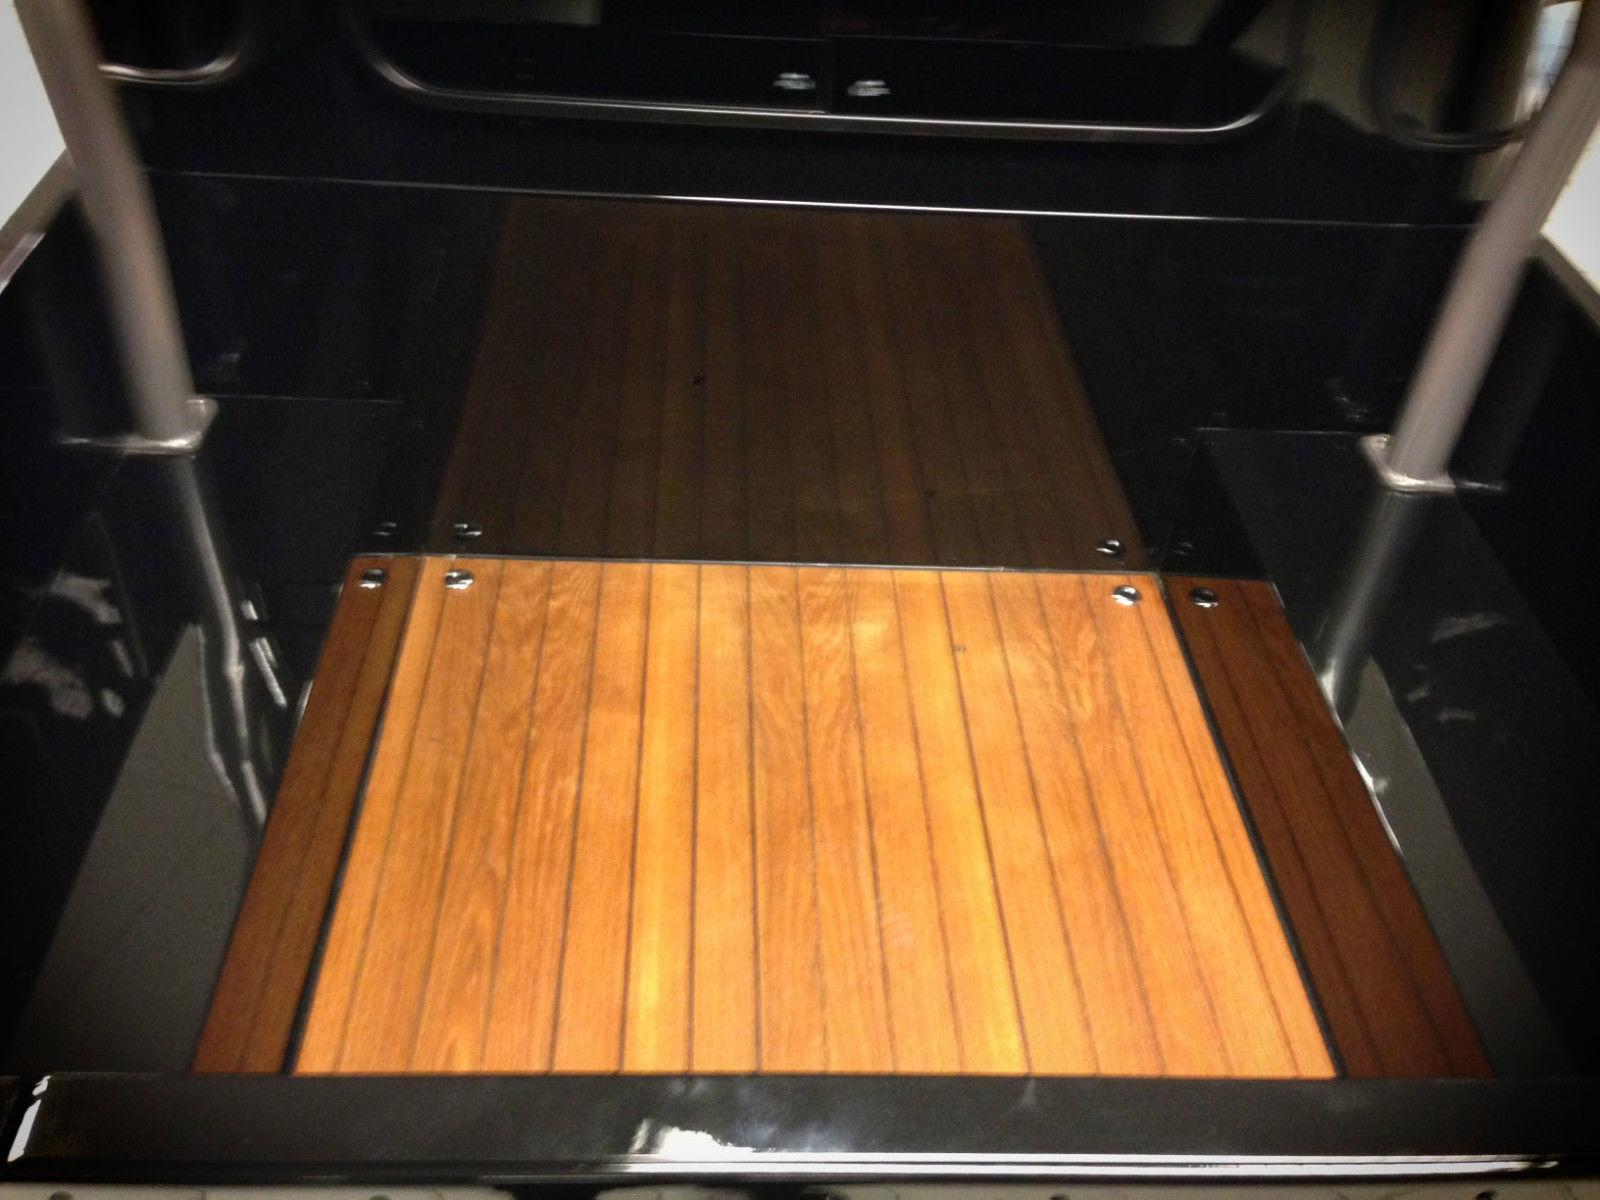 defender 90 110 130 for sale photos technical. Black Bedroom Furniture Sets. Home Design Ideas